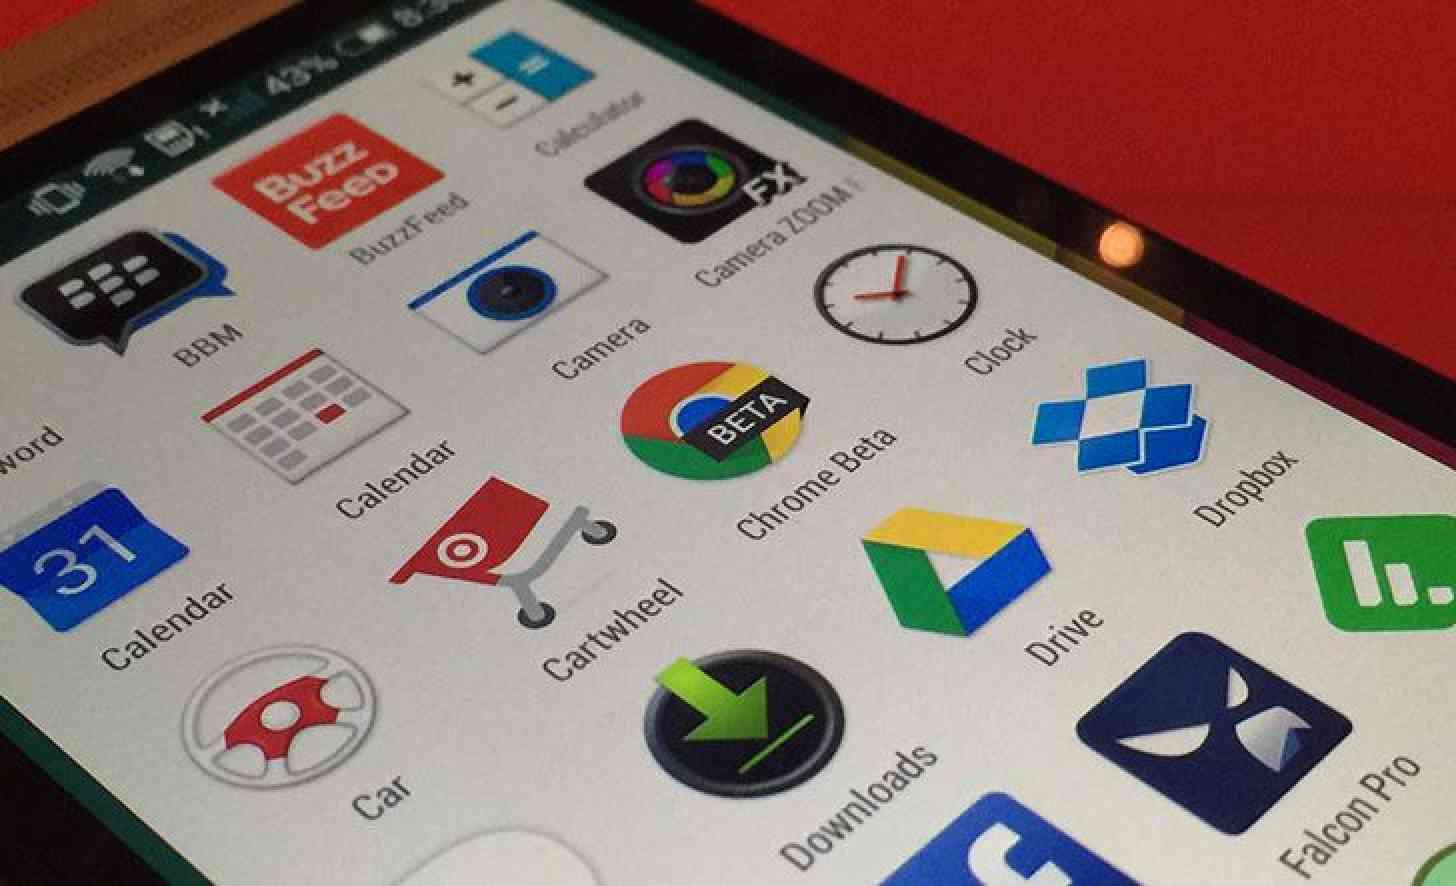 Google Chrome Beta app icon